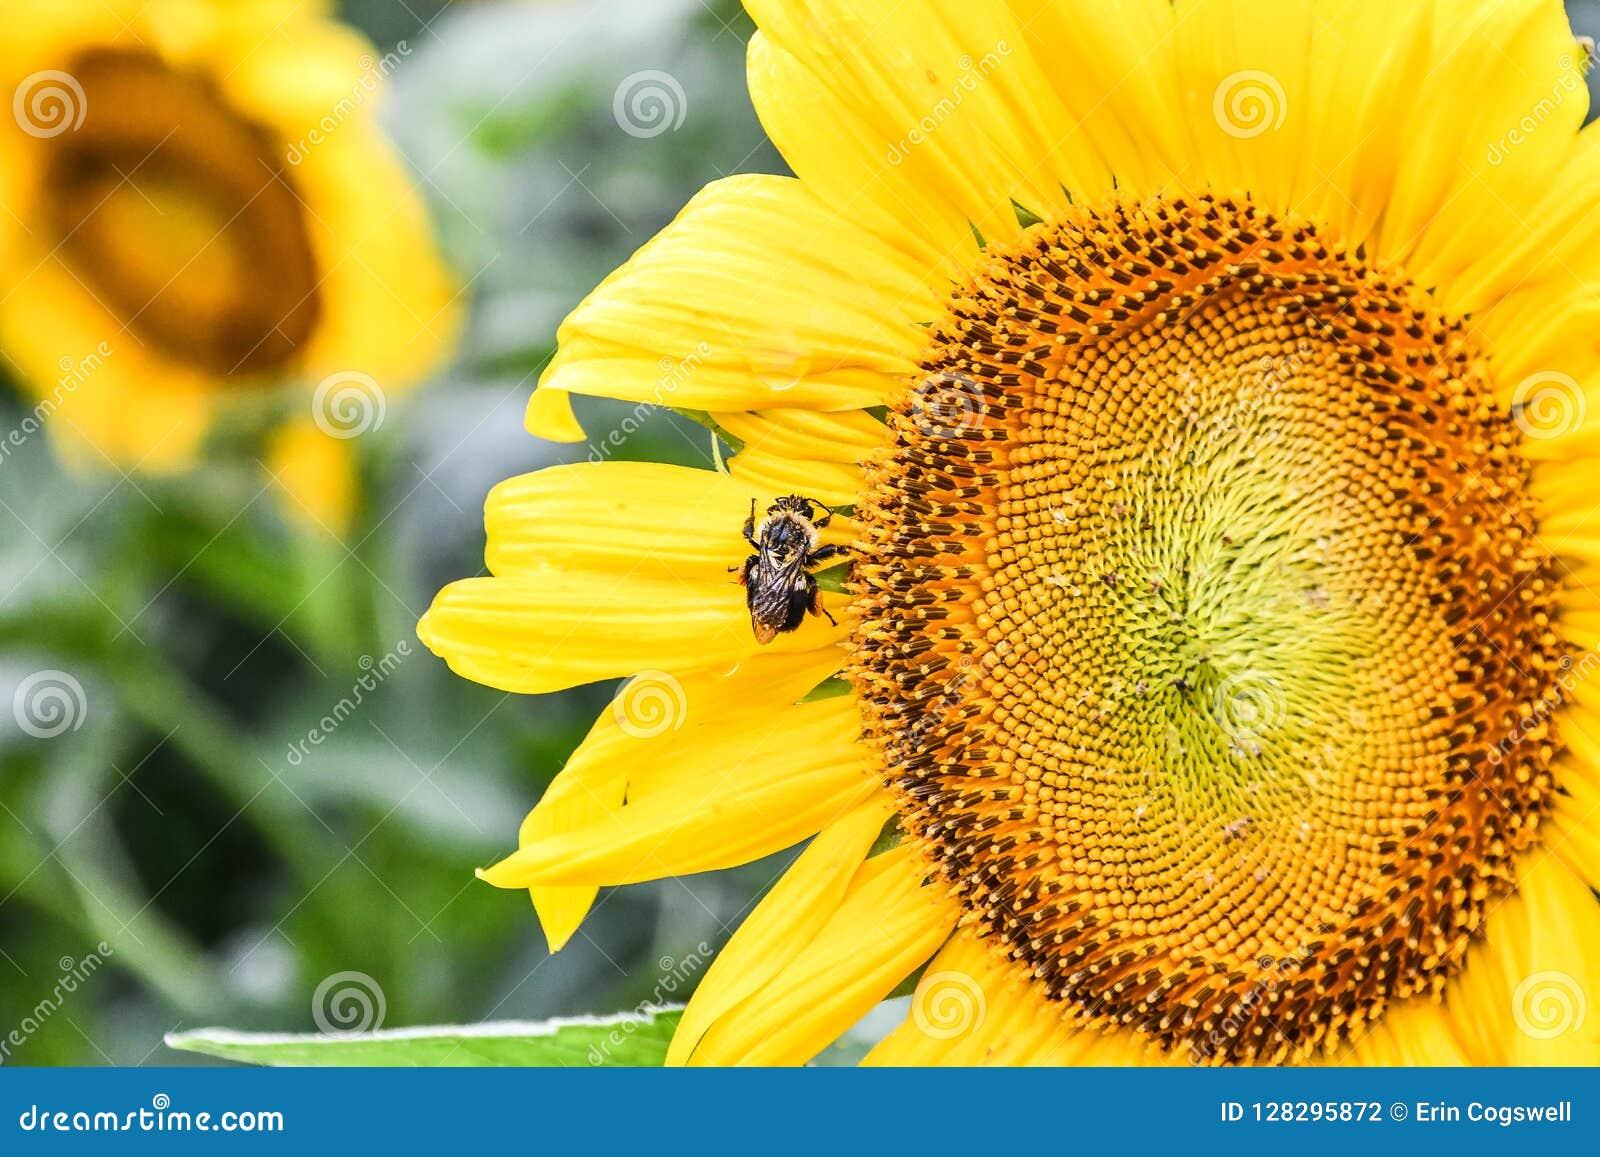 Een bij op een bloeiende zonnebloem, Jaspis, Georgië, de V.S.